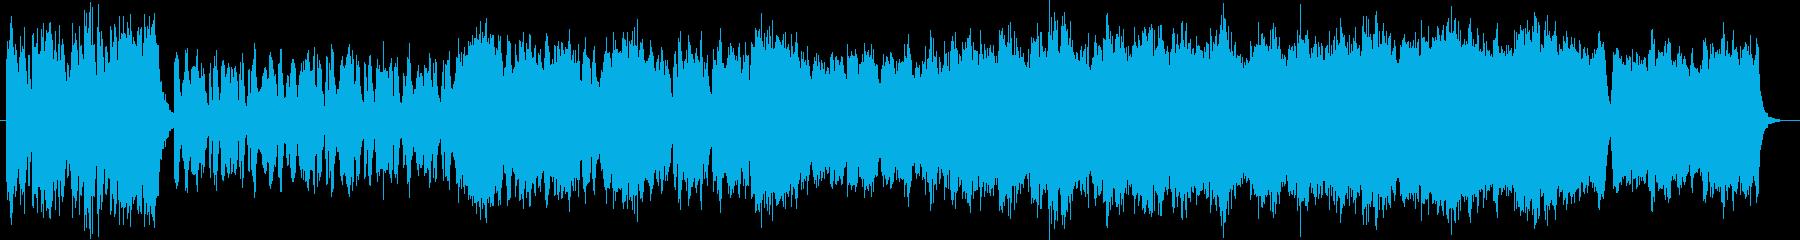 激しい曲調のオーケストラサウンドの再生済みの波形